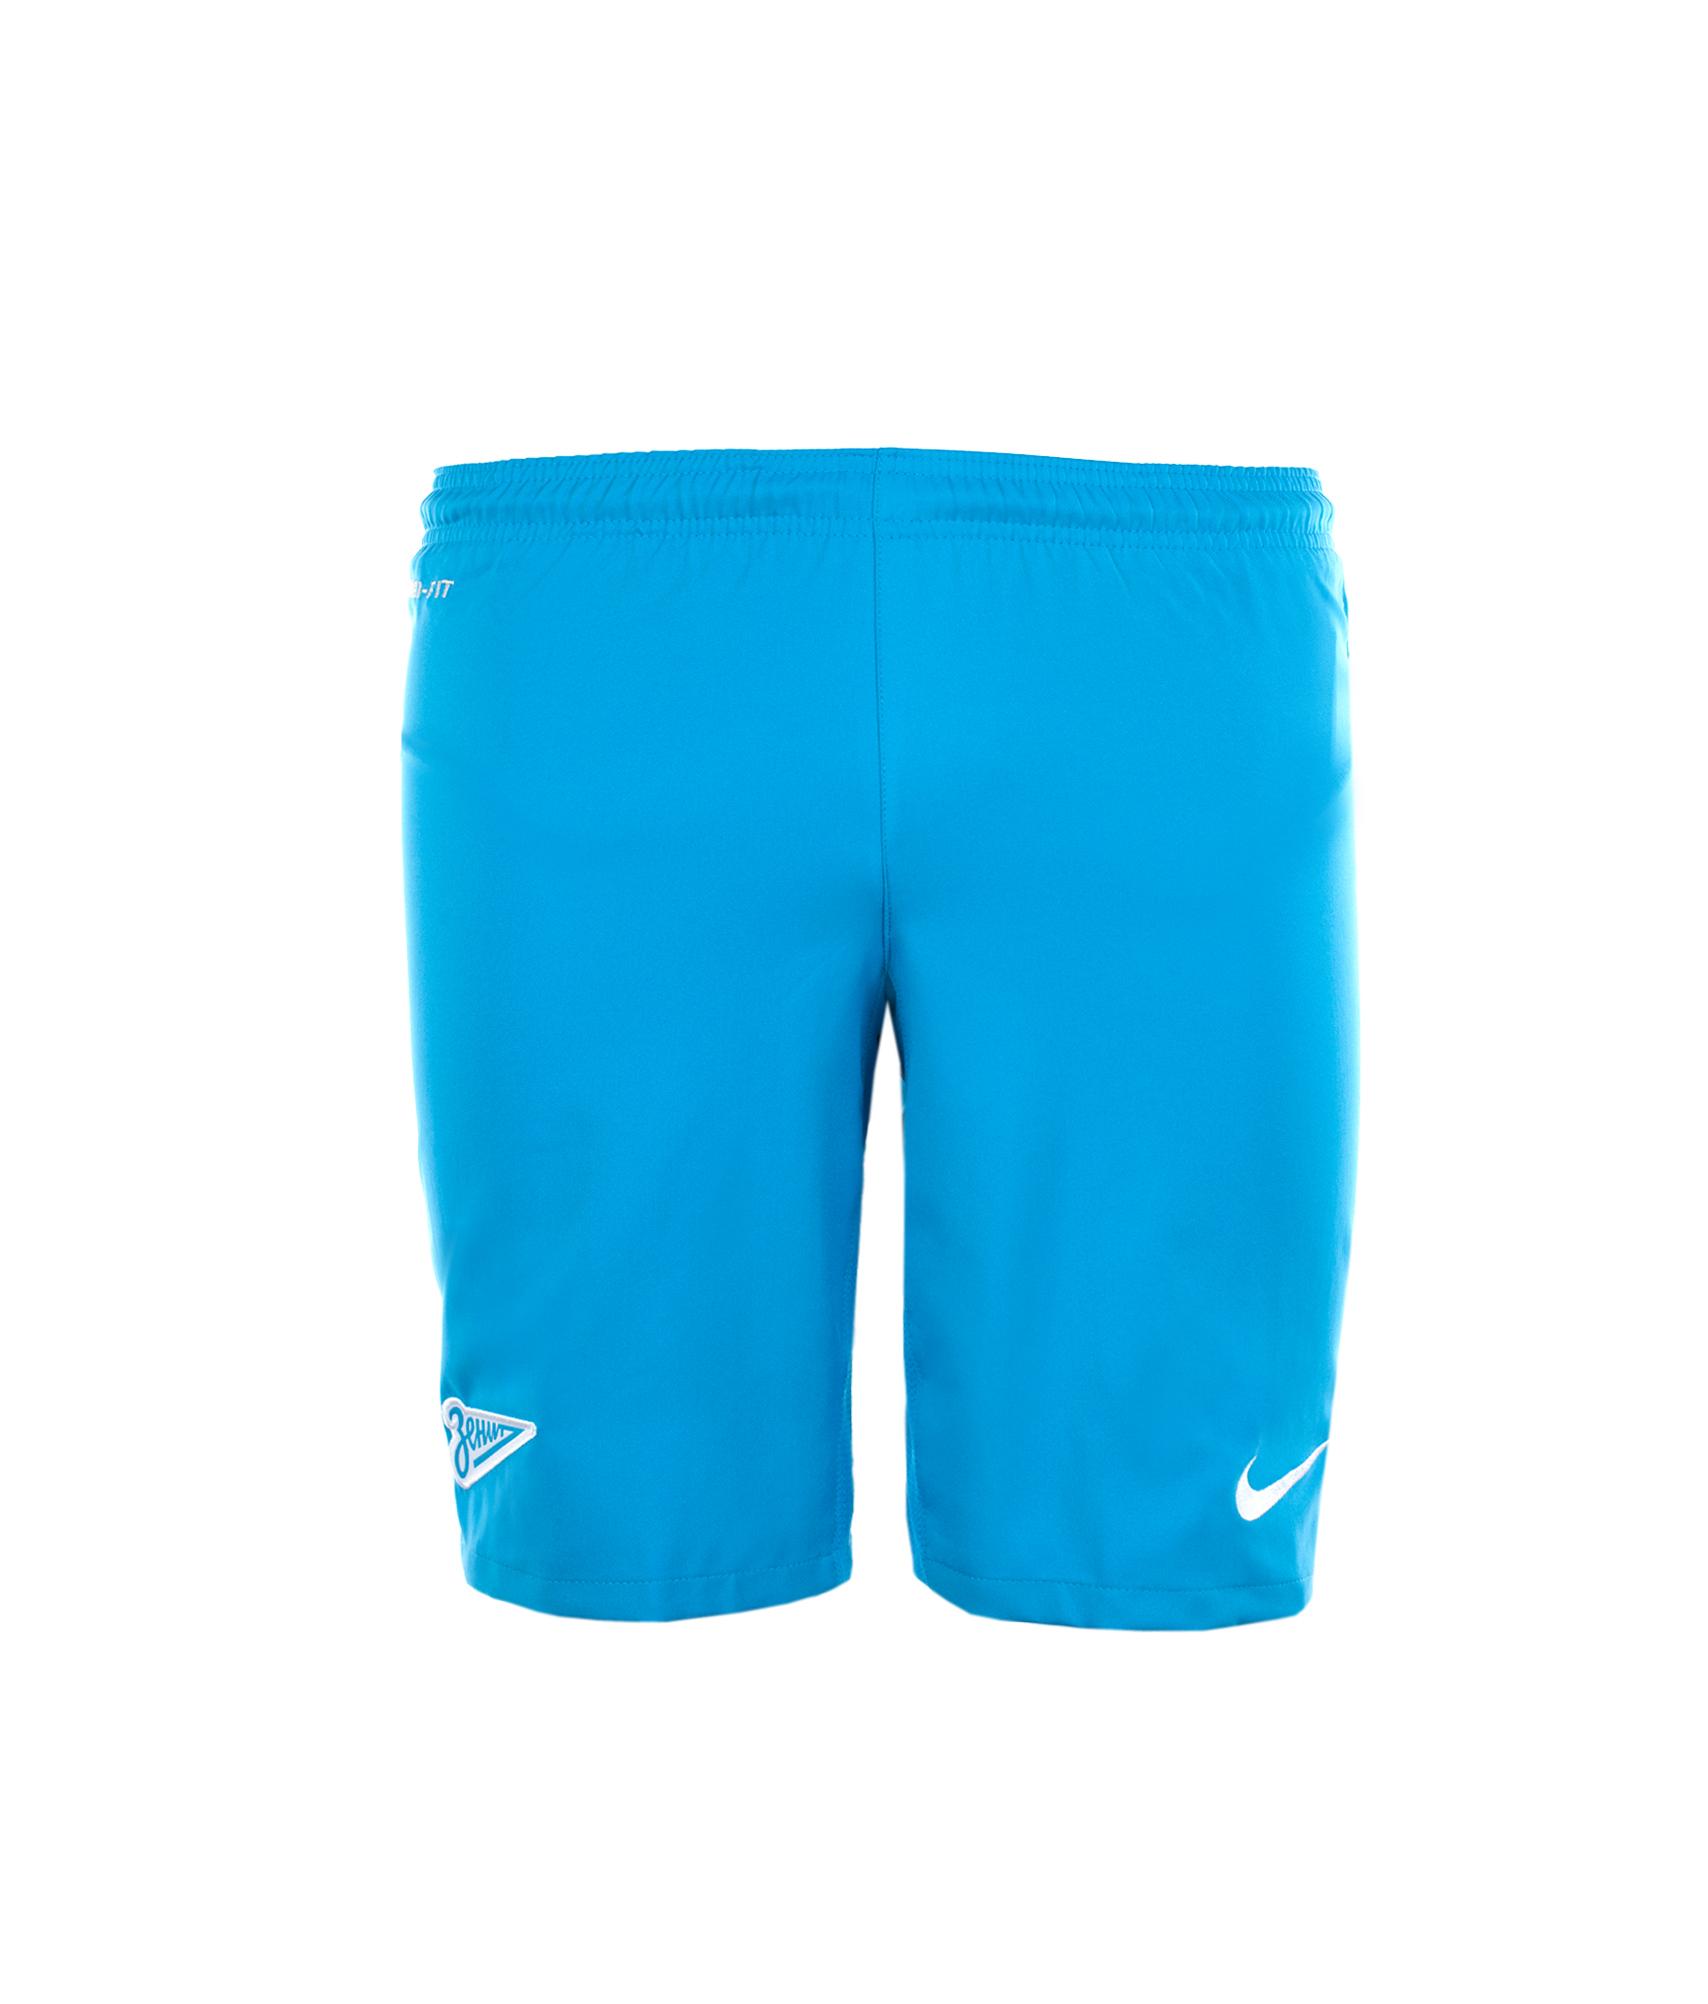 Шорты синие, Цвет-Синий, Размер-S